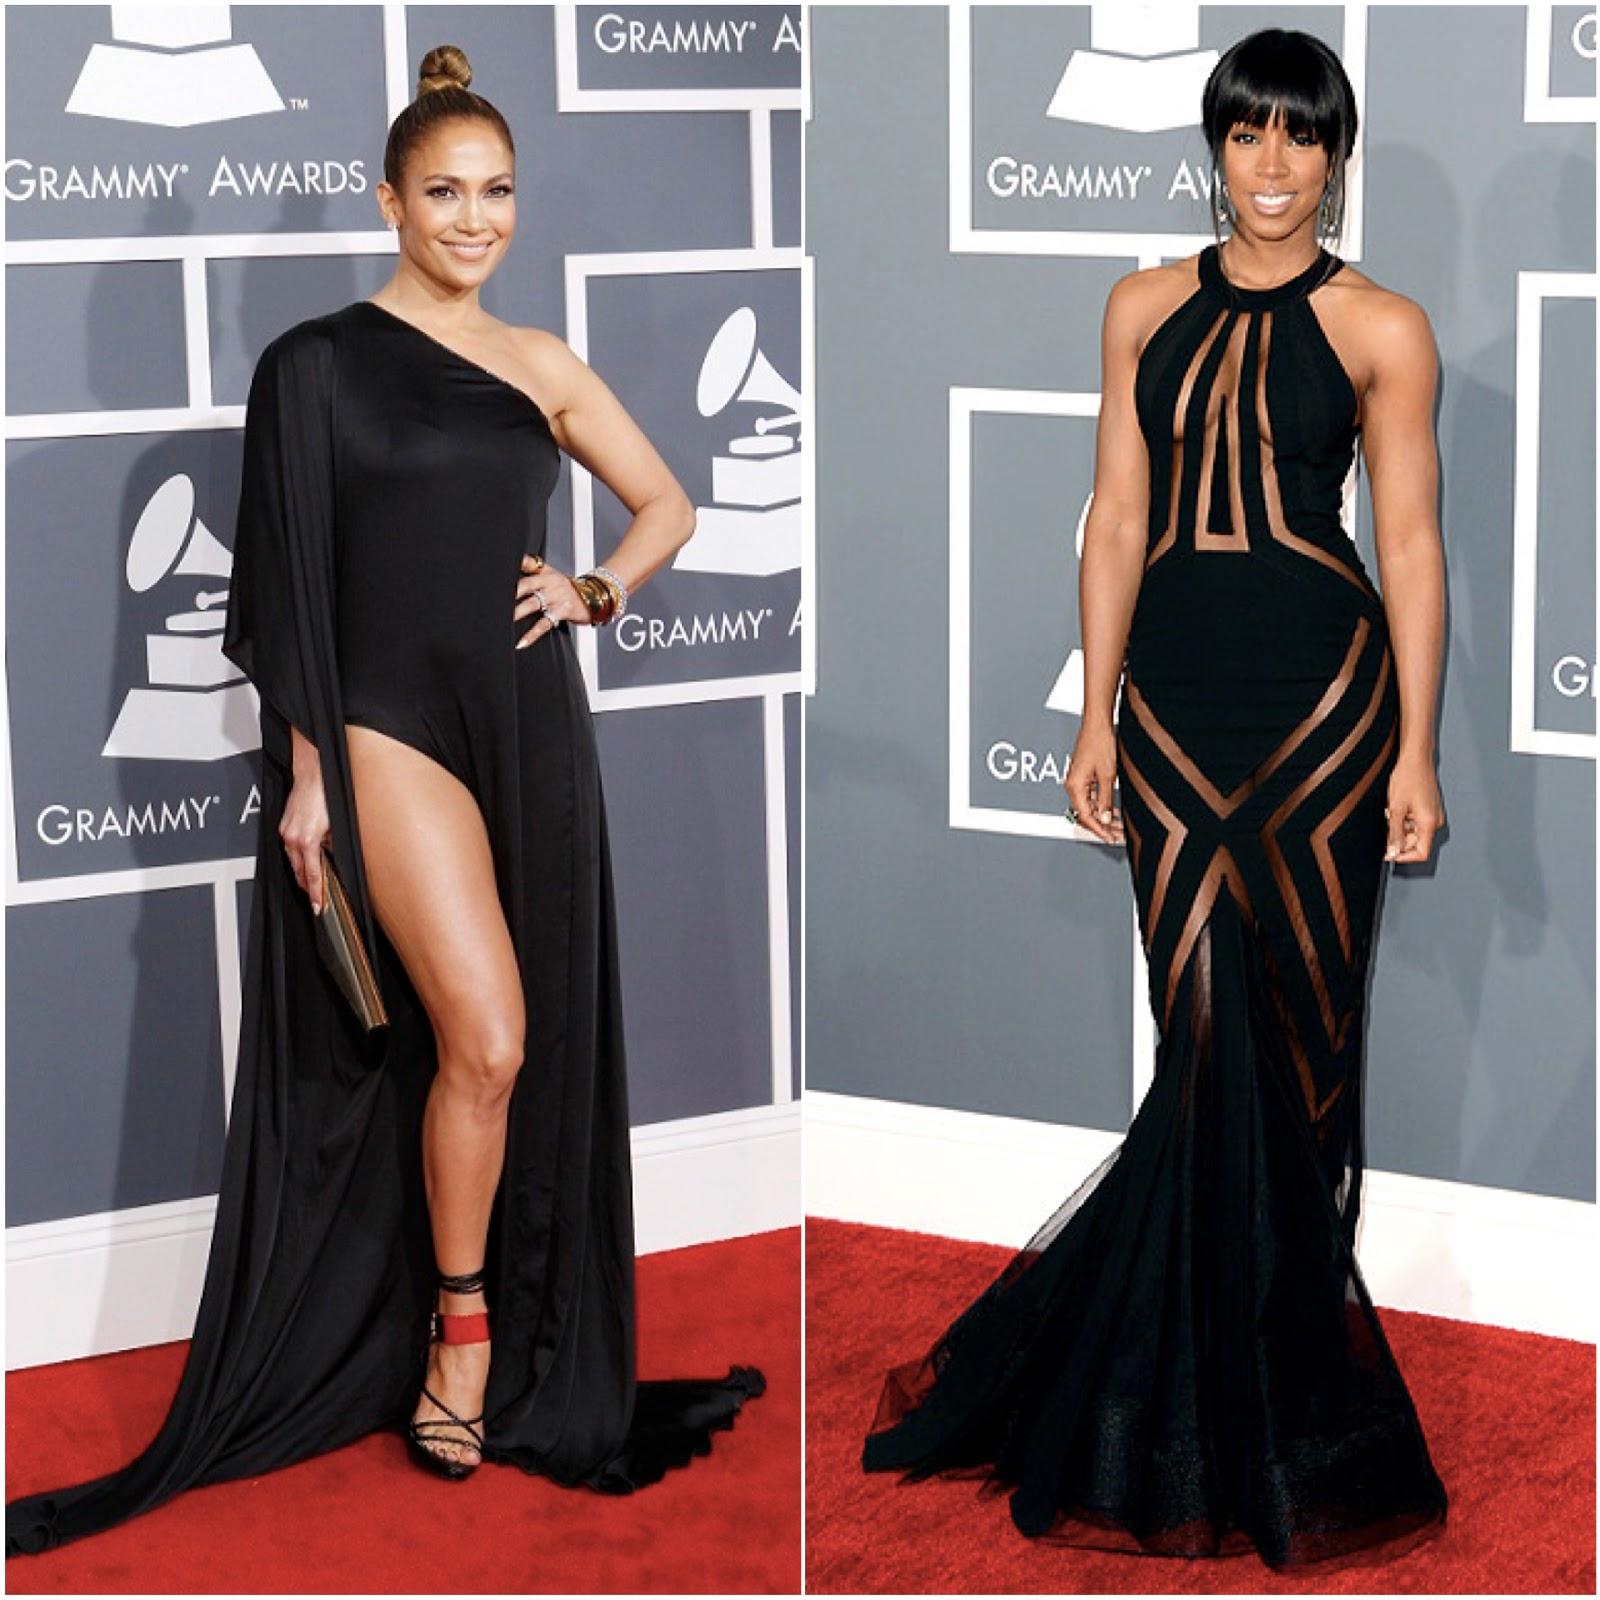 http://1.bp.blogspot.com/-qhdhhq8U9pU/URmMmRjnhyI/AAAAAAAAHuw/JCm79ECKofU/s1600/J.+Lo+&+Kelly+Rowland+Peak+boos+-+Grammys+2013.jpg